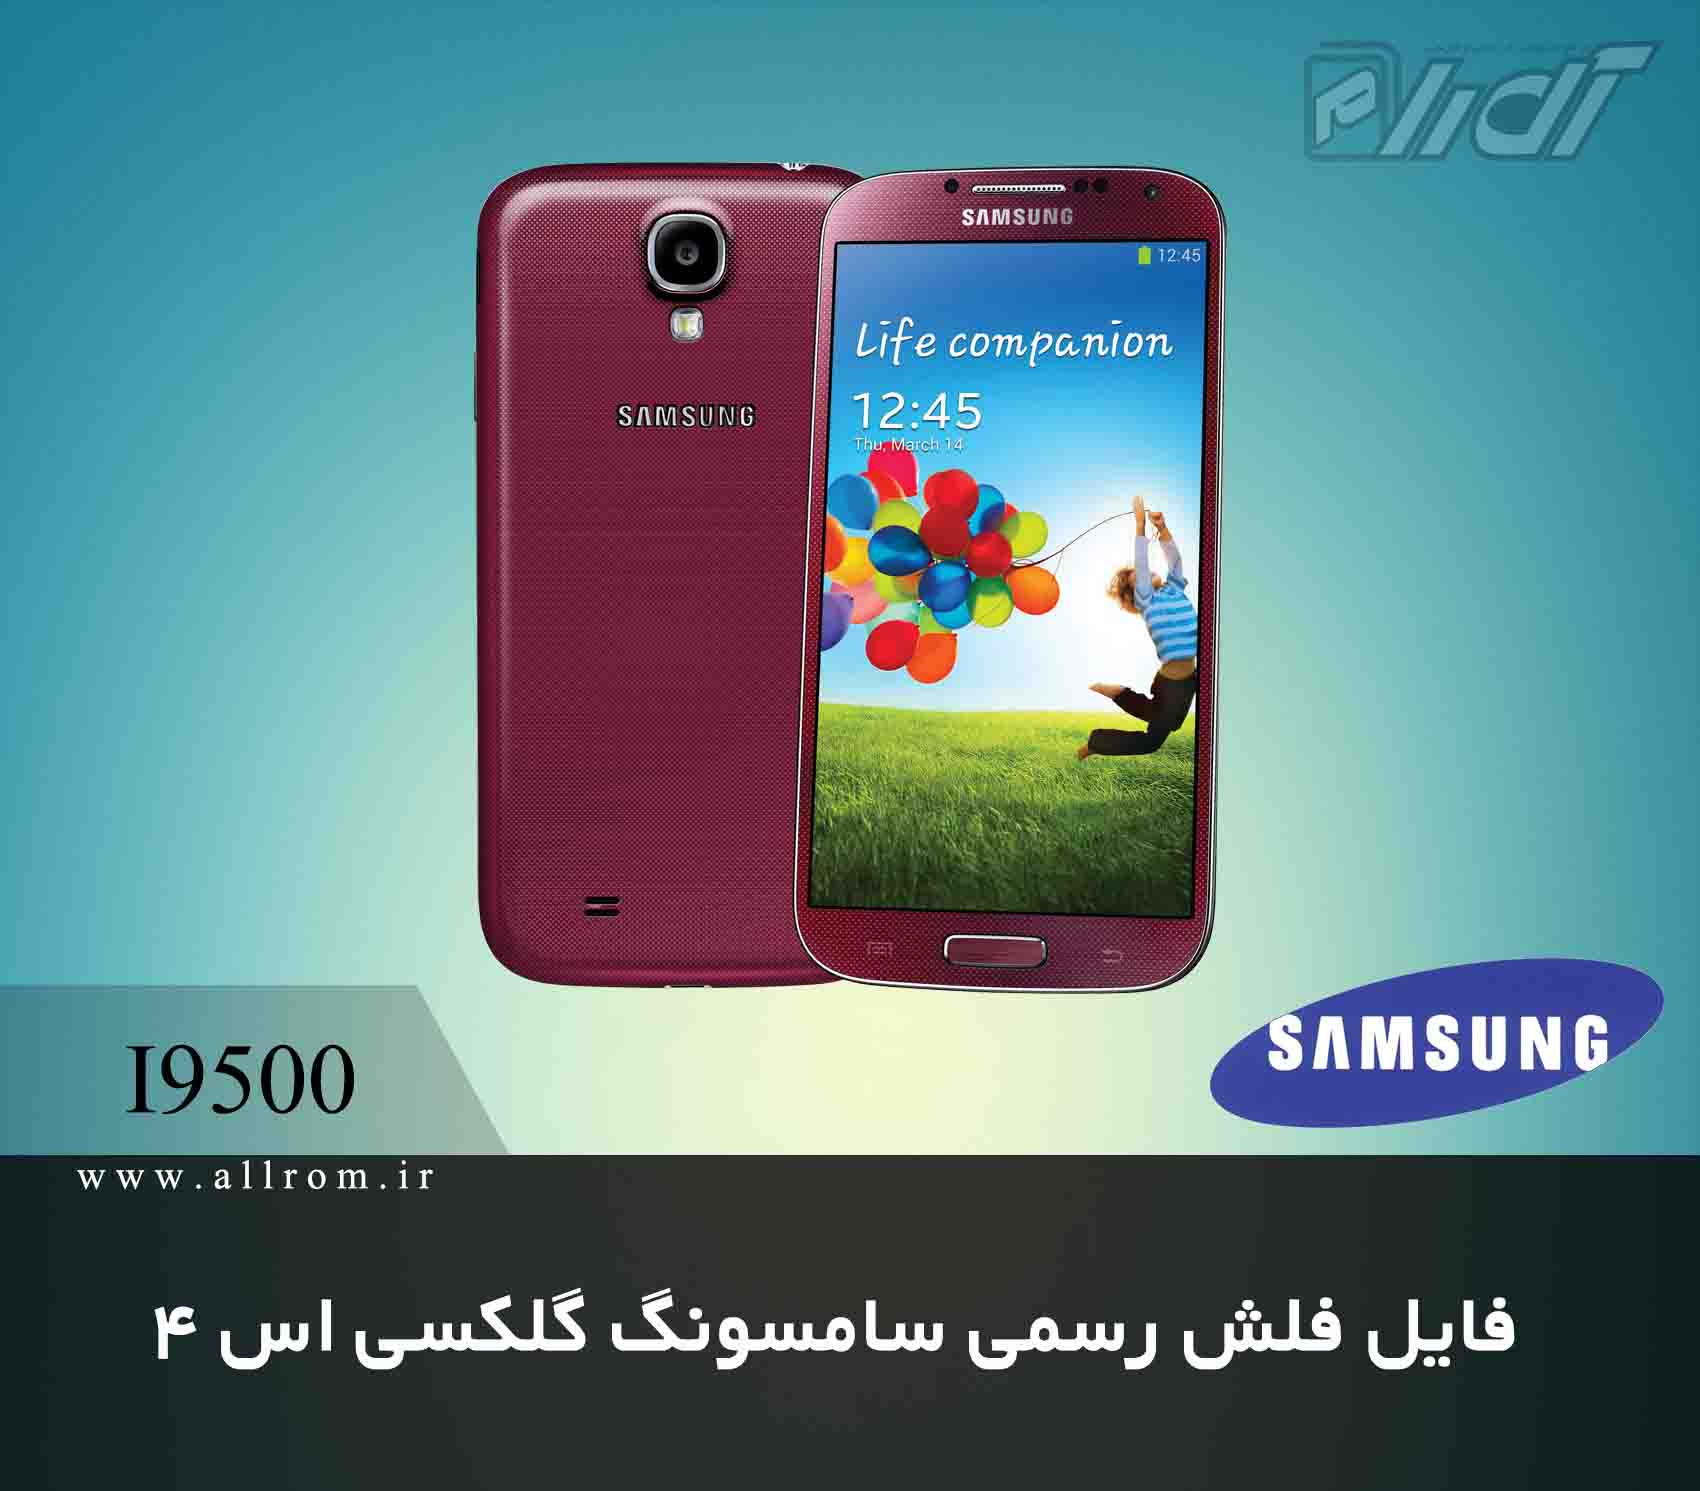 دانلود رام فایل کامبینیشن Samsung Galaxy S4 I9500